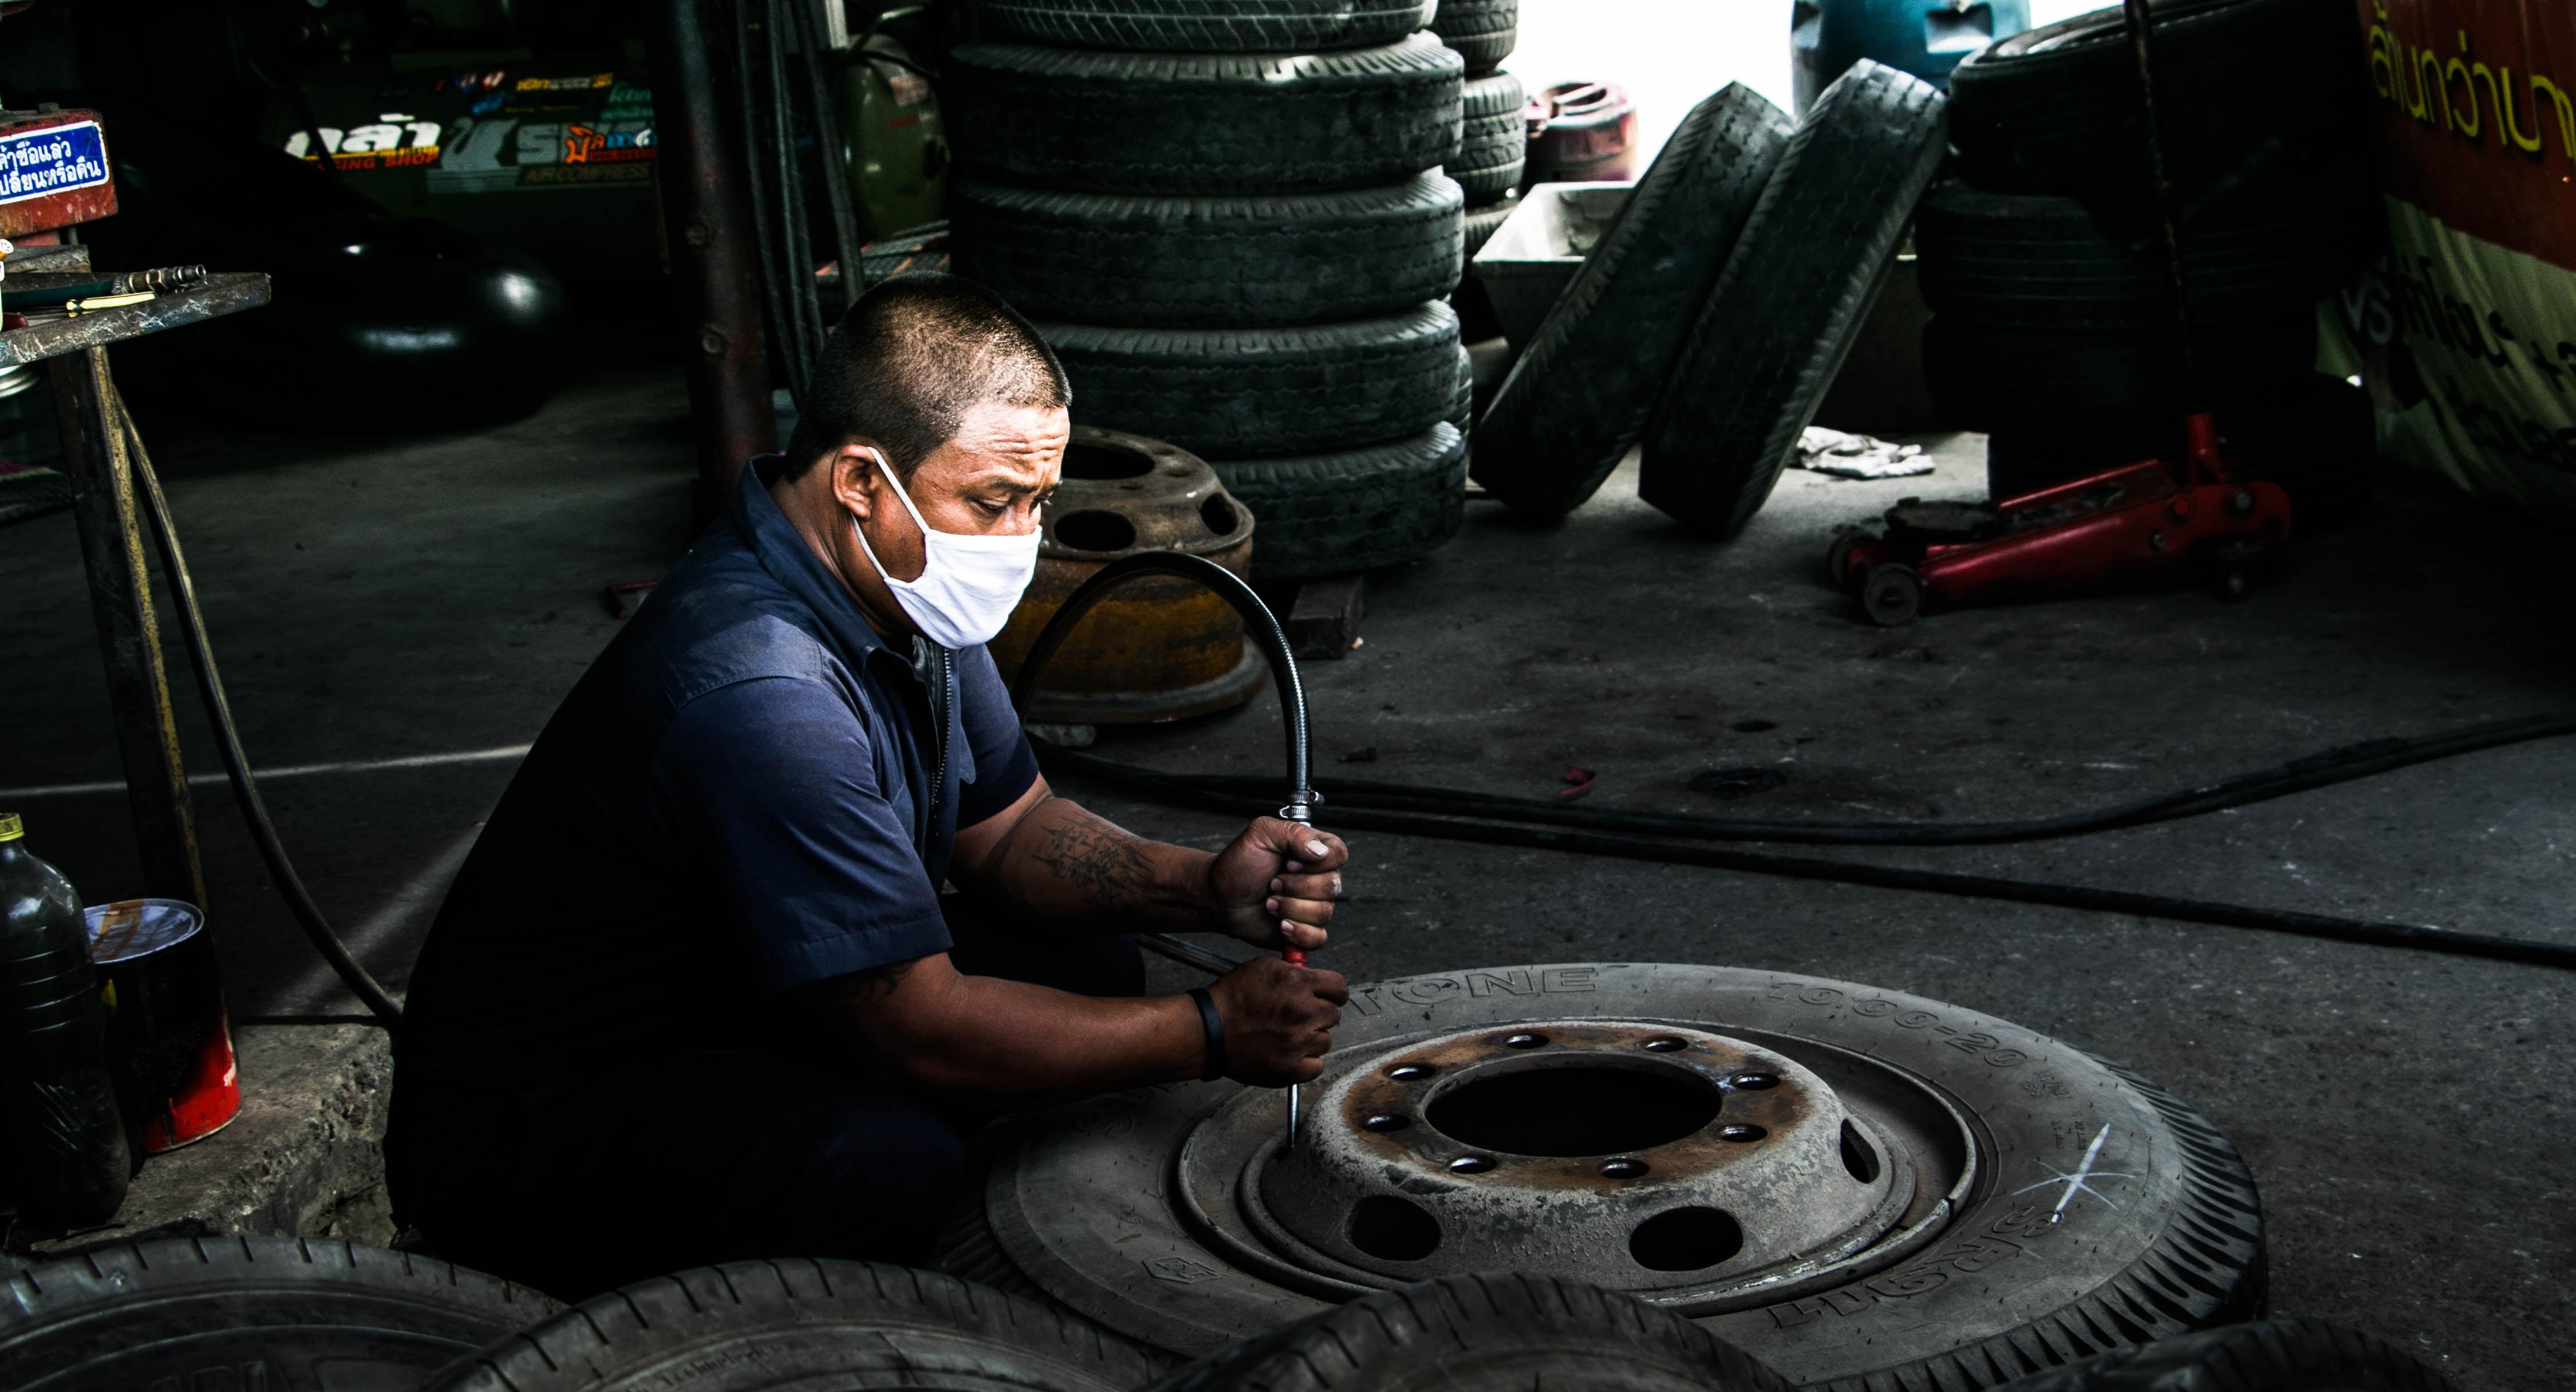 man airing up wheel during daytime